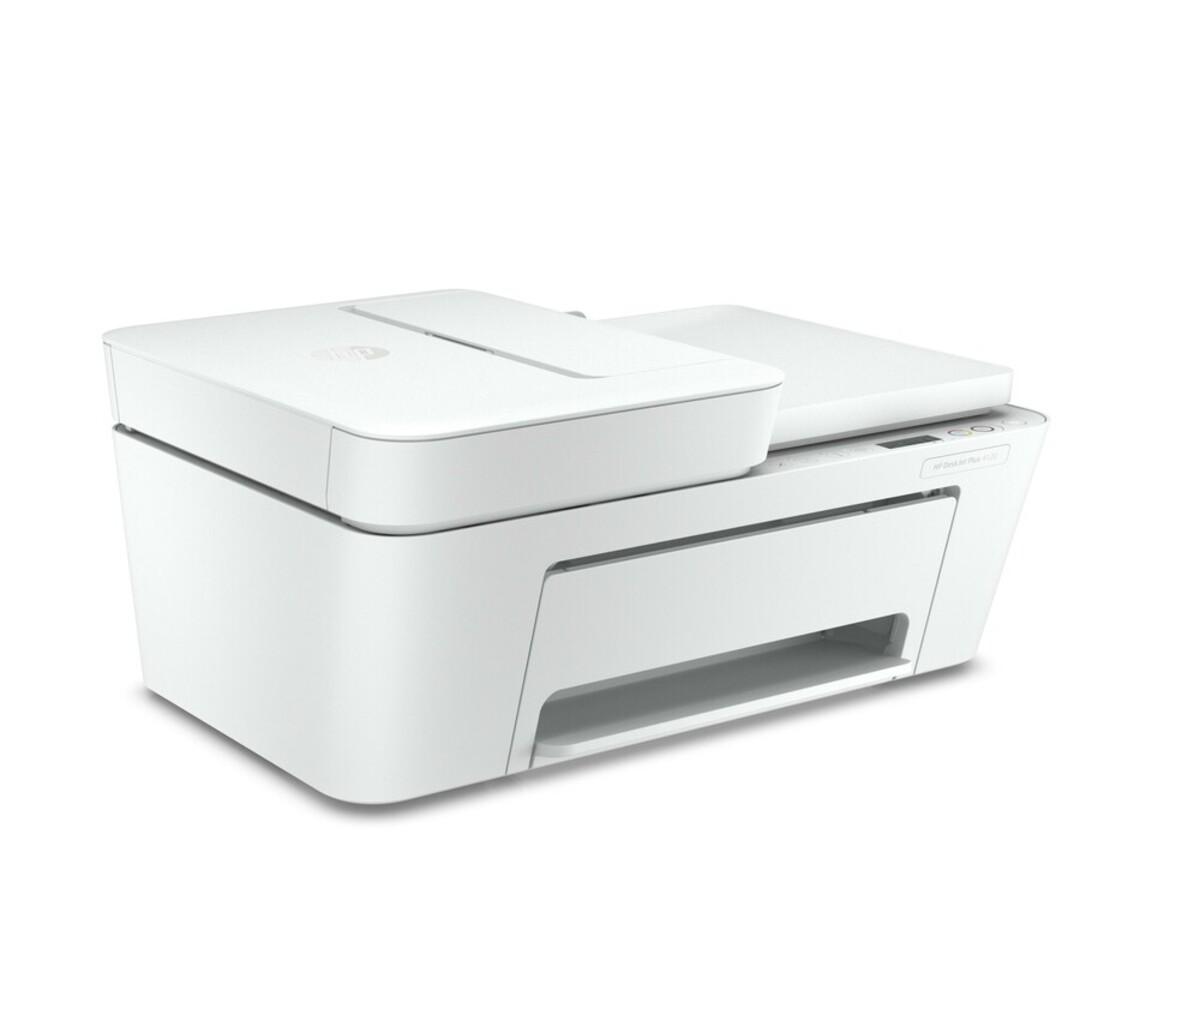 Bild 4 von DeskJet Plus 4120 weiß Multifunktionsdrucker